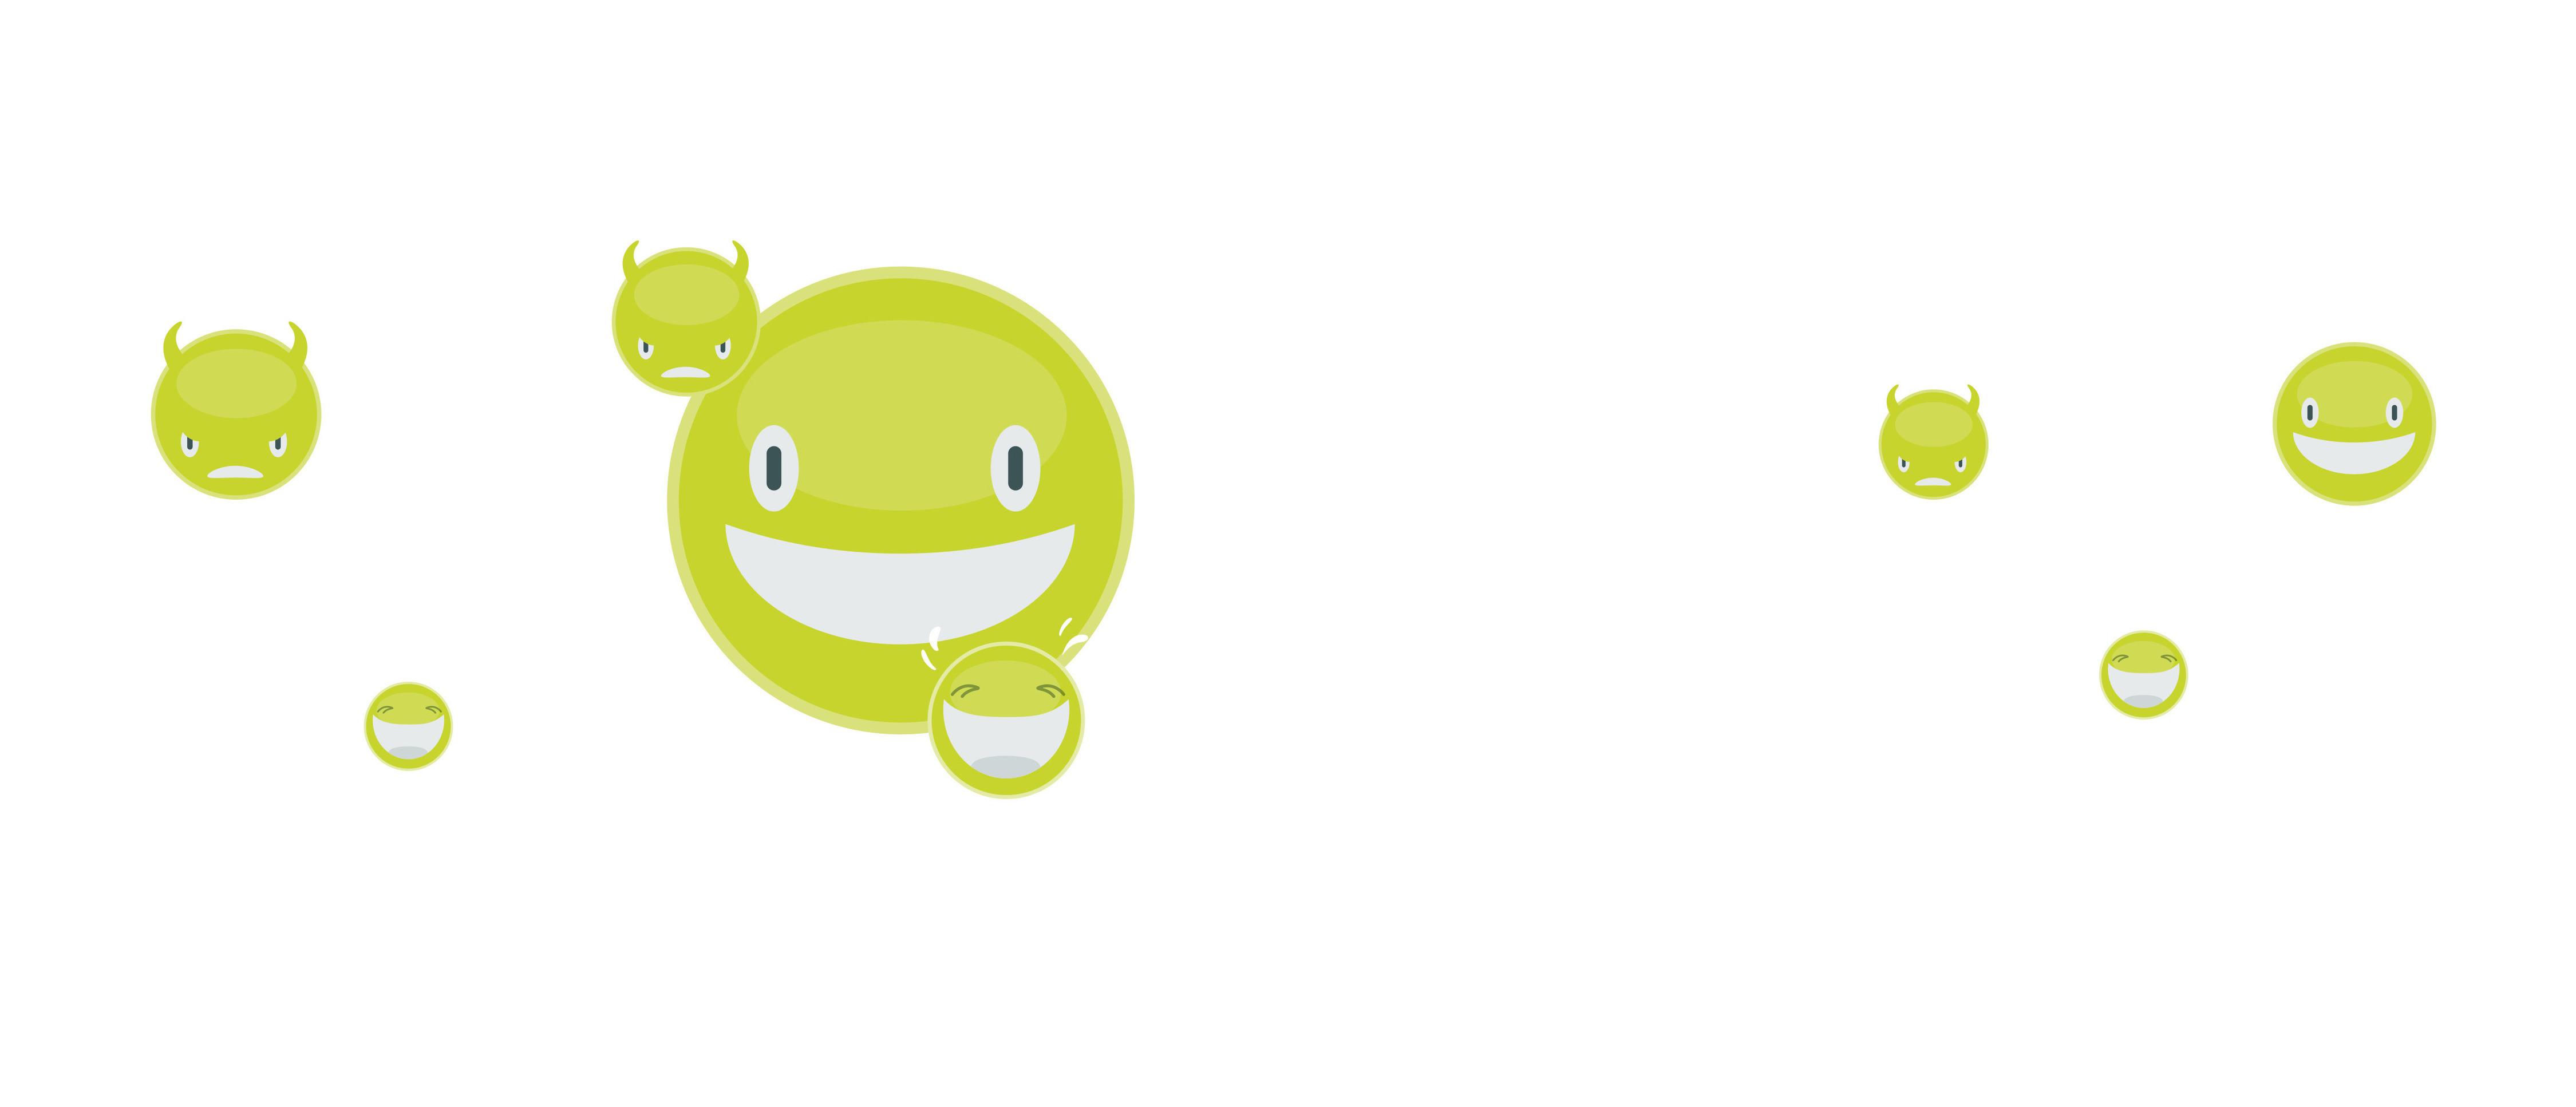 Anhand von individuellen und liebenswürdigen Emoticons kann der App User seine Stimmung dokumentieren.